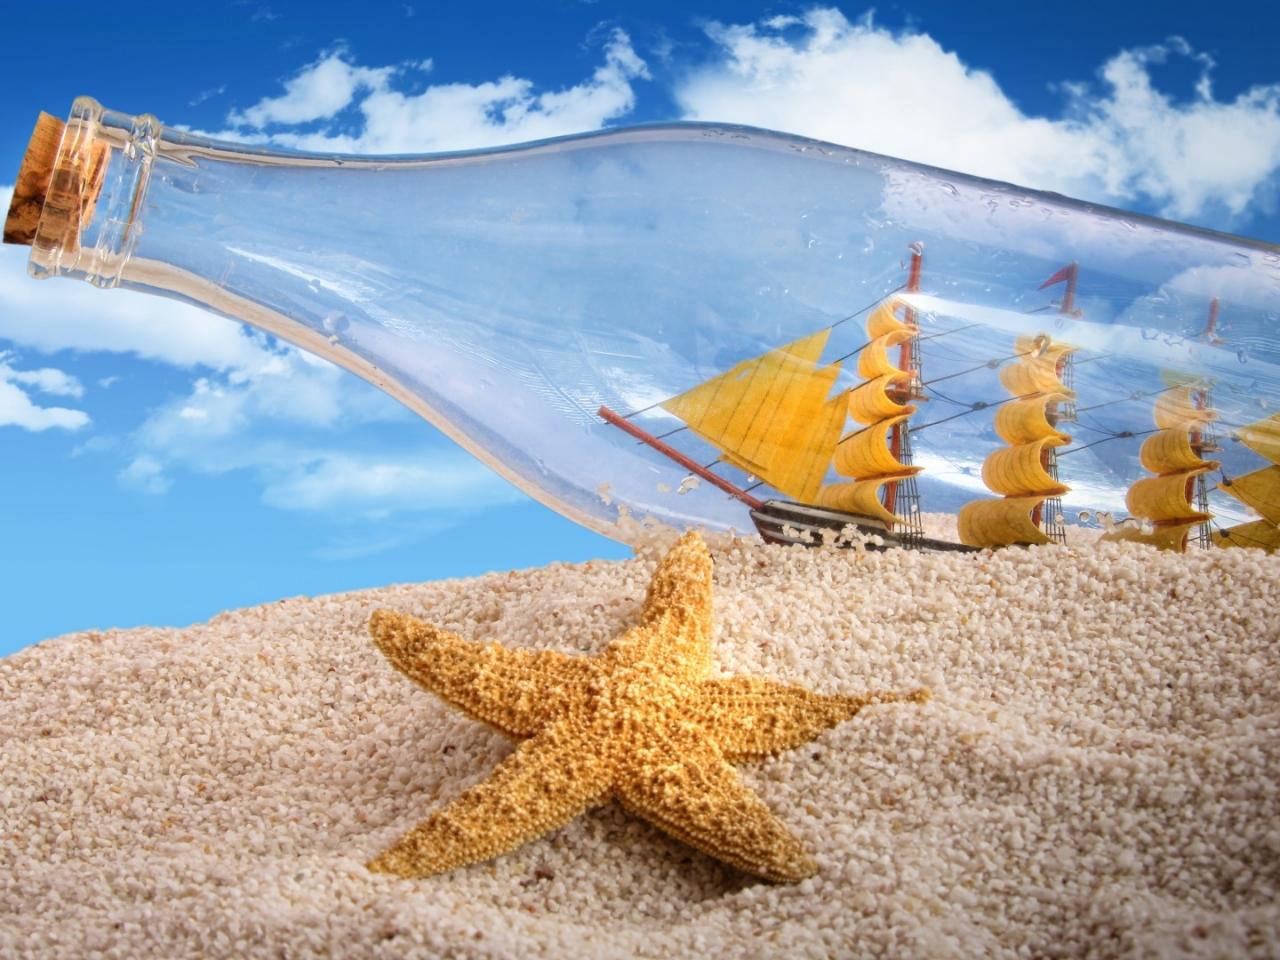 Barco en botella - 1280x960